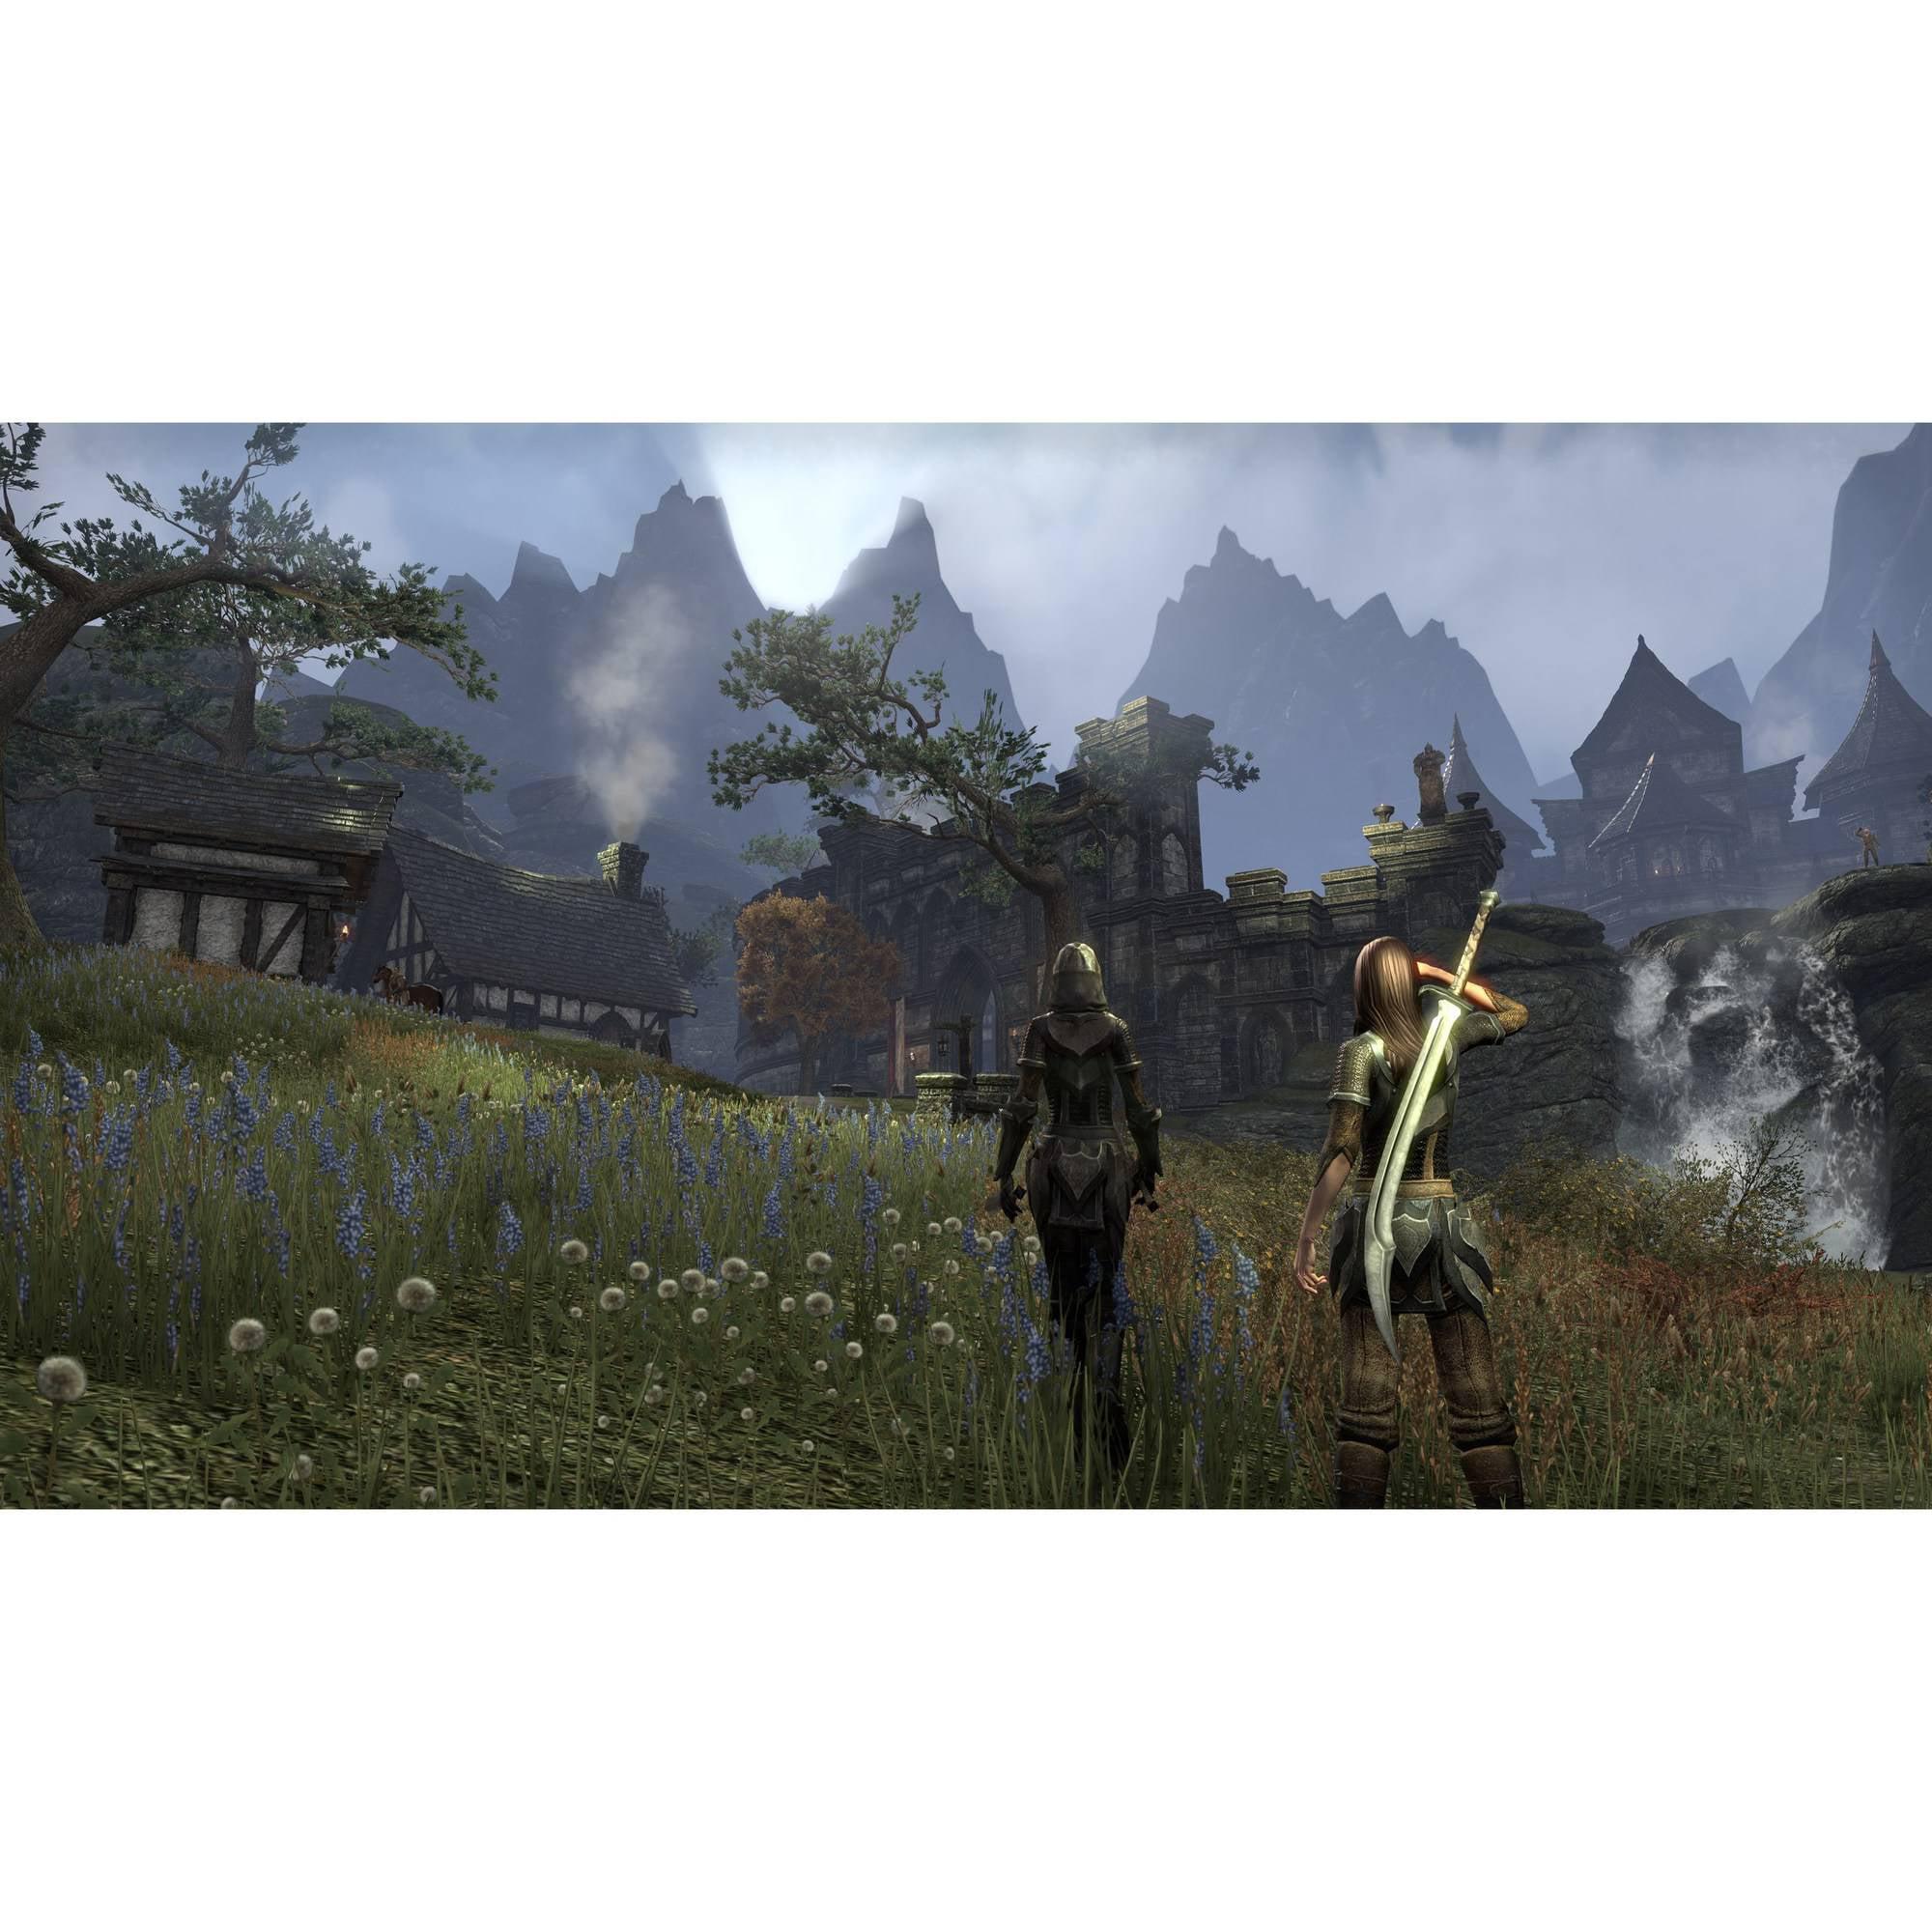 Elder Scrolls Online: Tamriel Unlimited, Bethesda, PC Software, 093155160484